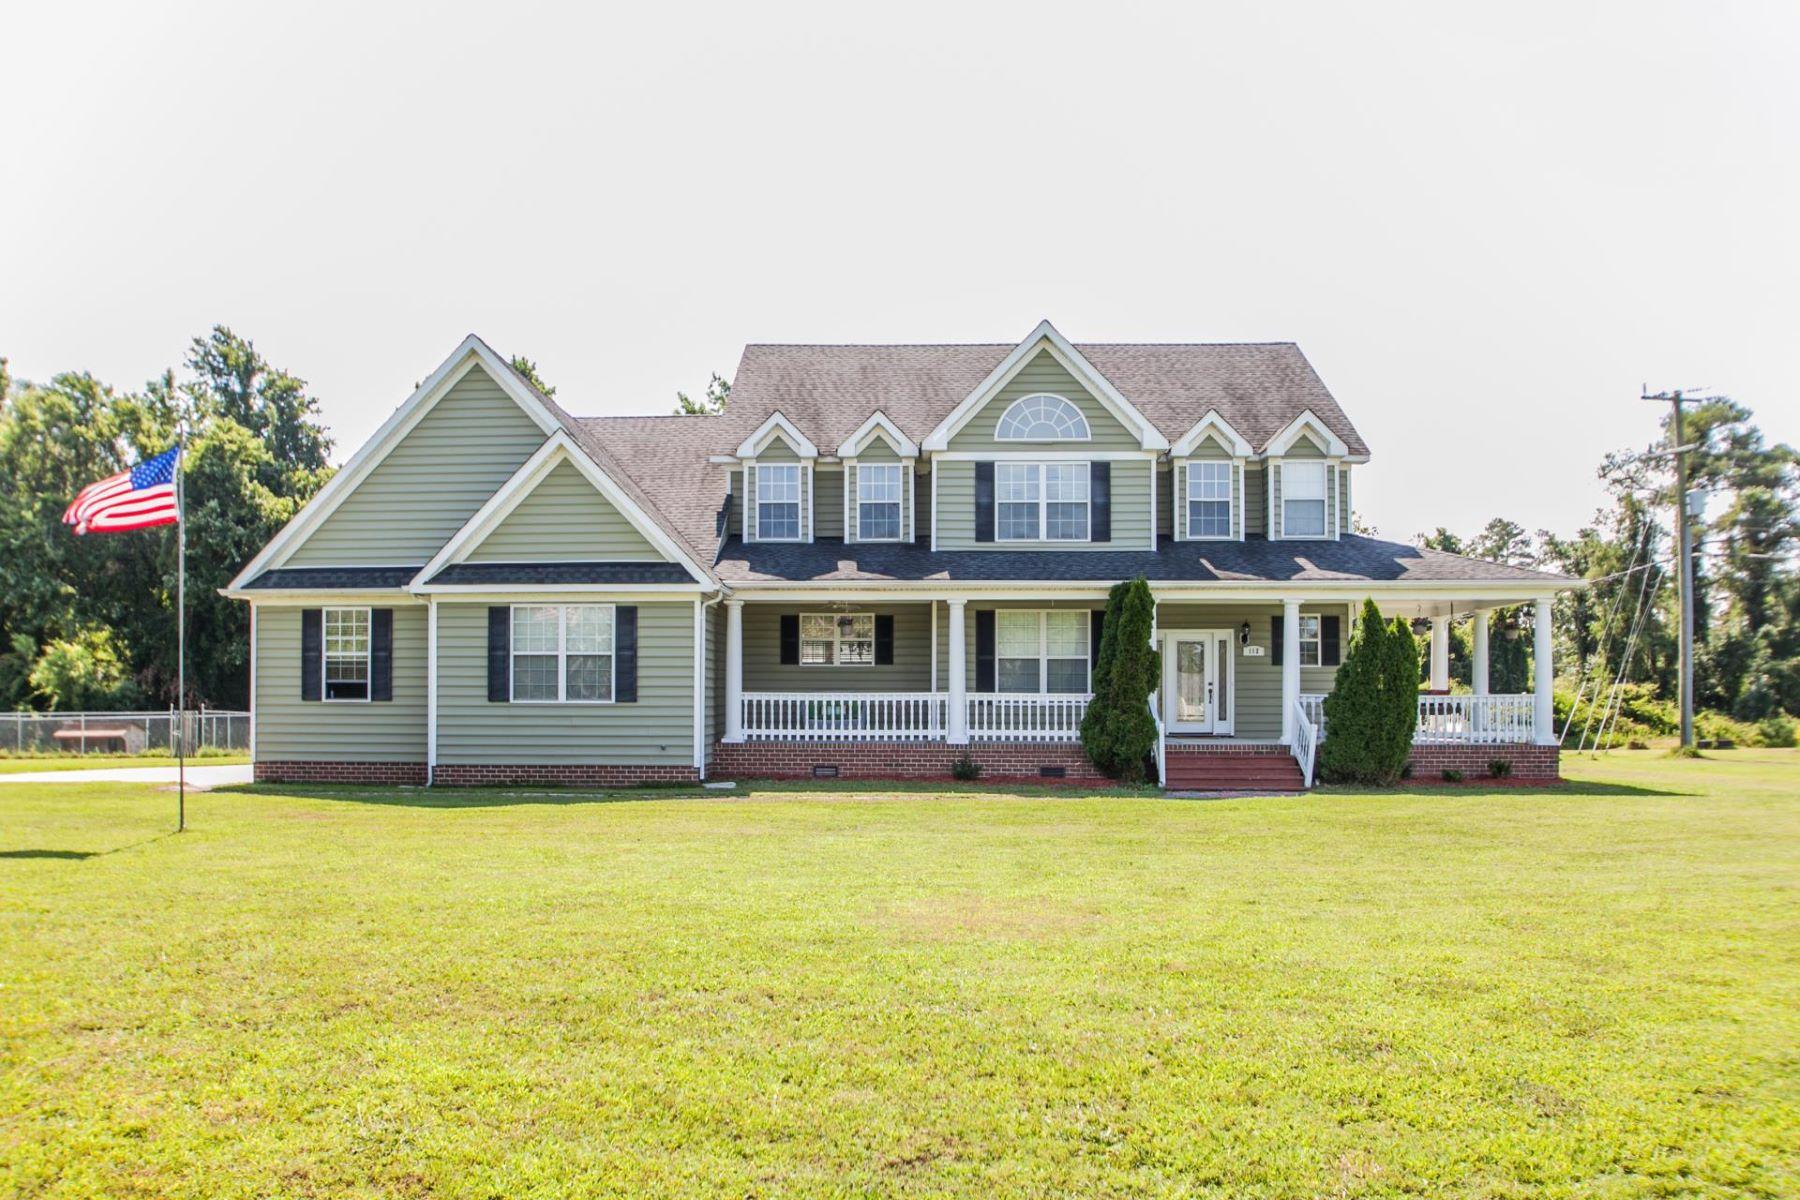 Maison unifamiliale pour l Vente à Martin Subdivision 112 Martin Lane Knotts Island, Carolina Du Nord, 27950 États-Unis